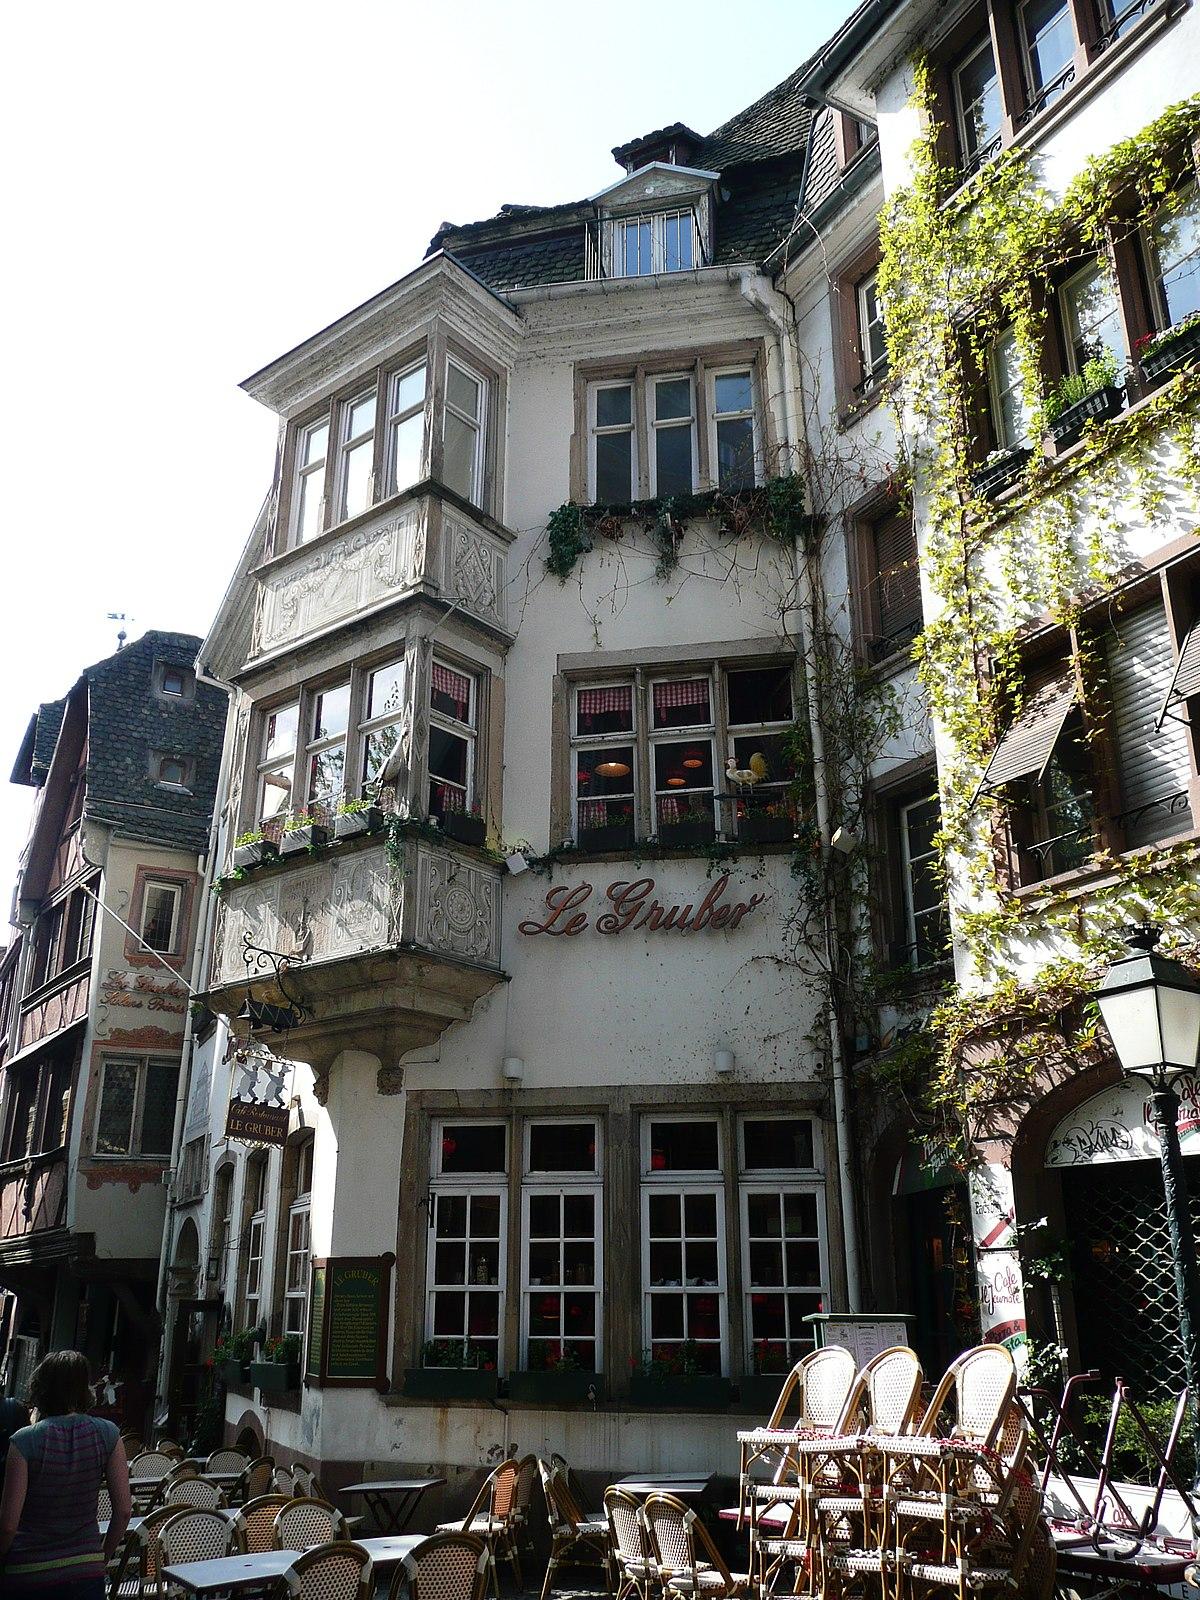 Restaurant Du Bas Rhin R Ef Bf Bdcompens Ef Bf Bds Par Michelin